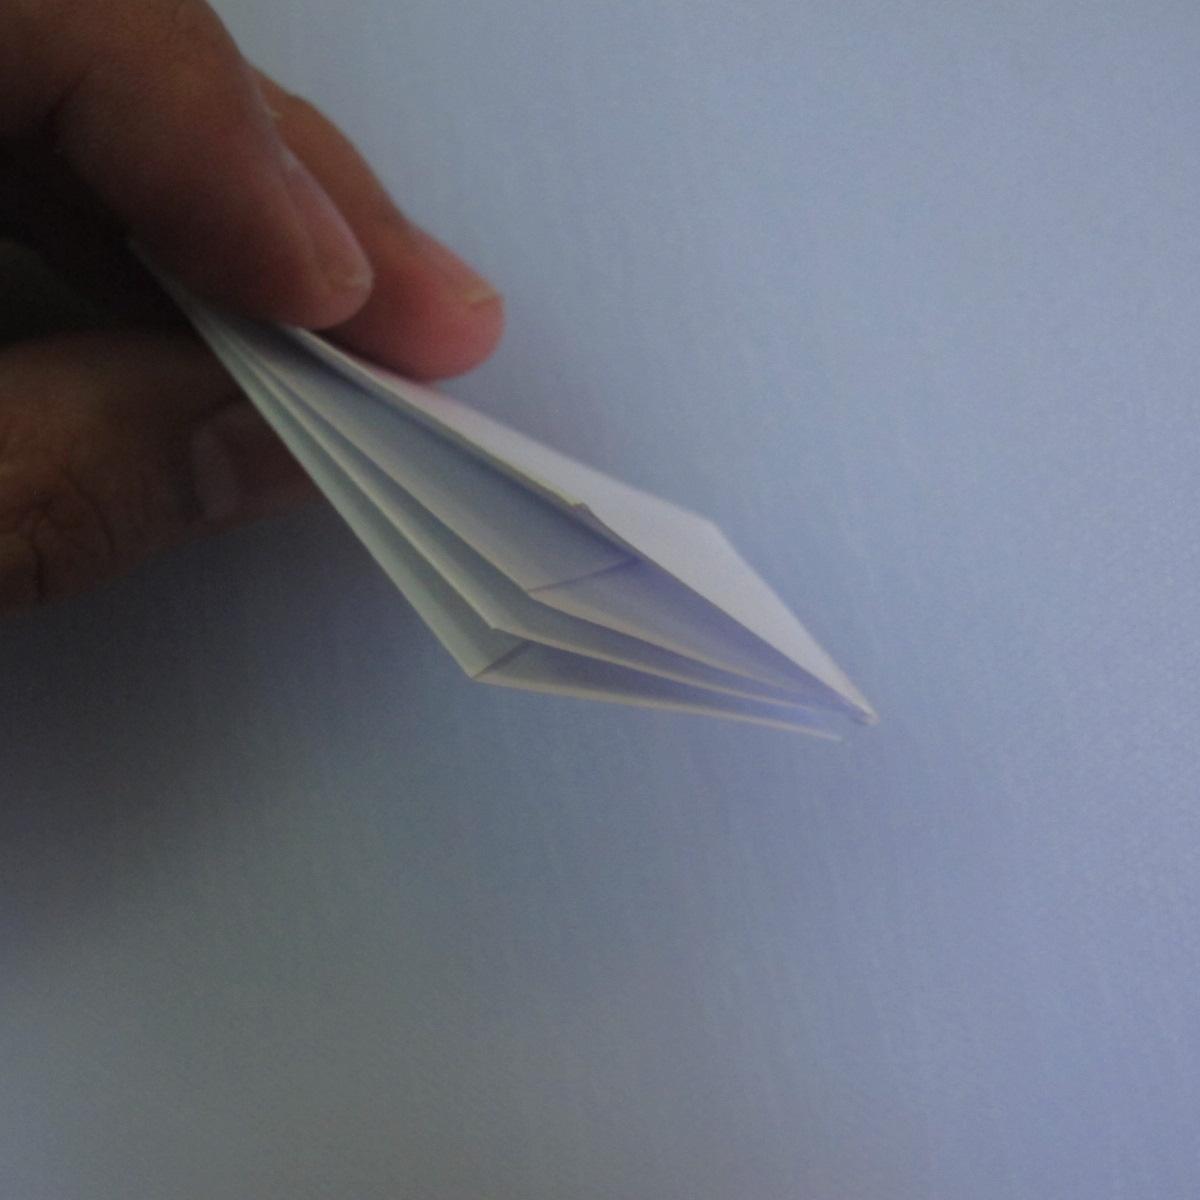 วิธีพับกระดาษเป็นรูปดอกลิลลี่ 009